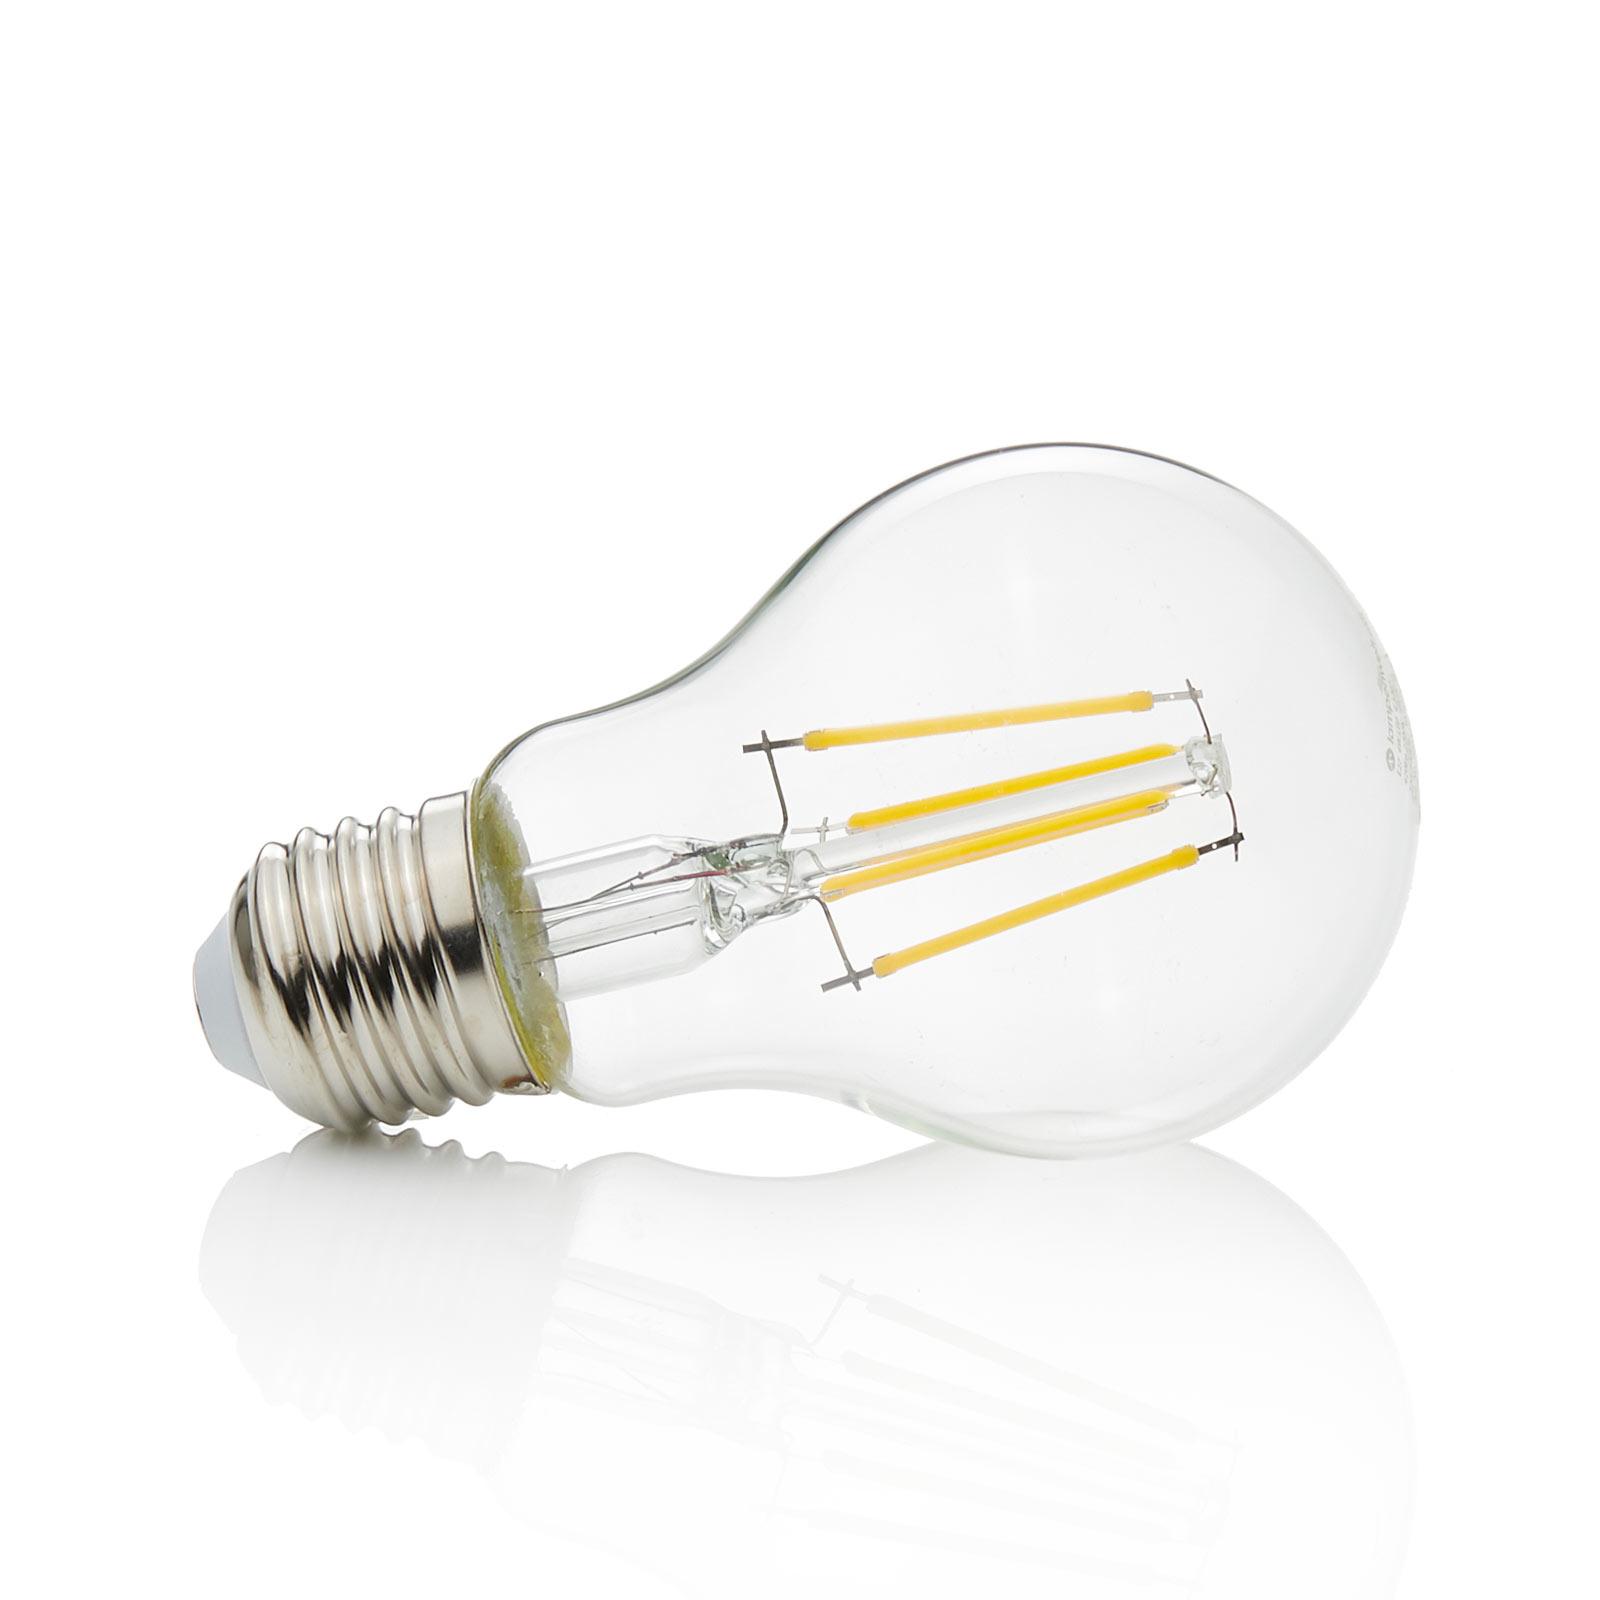 E27-LED-filamenttilamppu 4W 470 lm 2700 K kirkas